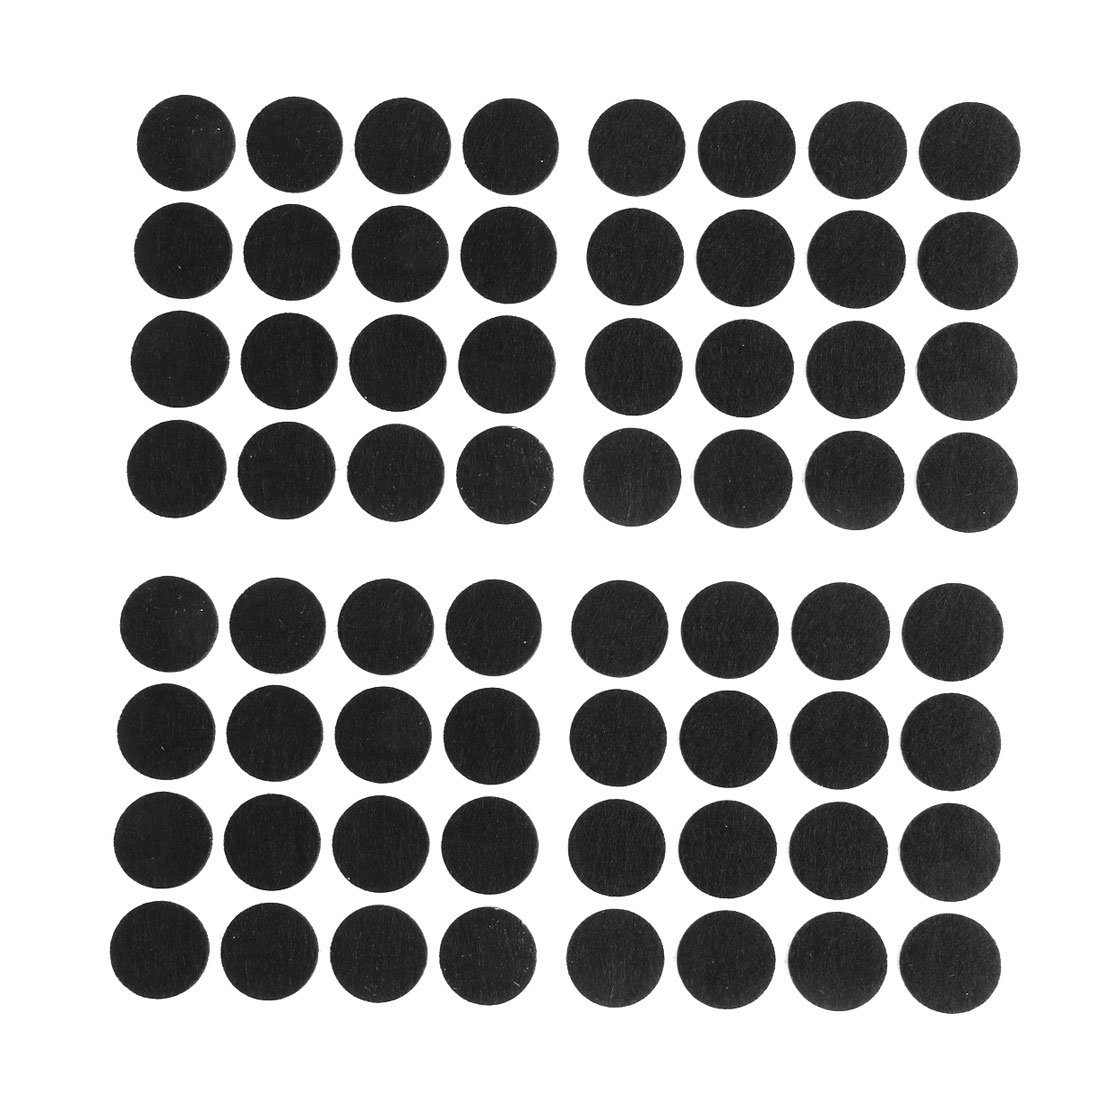 sourcing map Pr/ésidence Jambes marbre Meubles Protection Noir Coussinets en Feutre 18mm de diam/ètre 64pcs